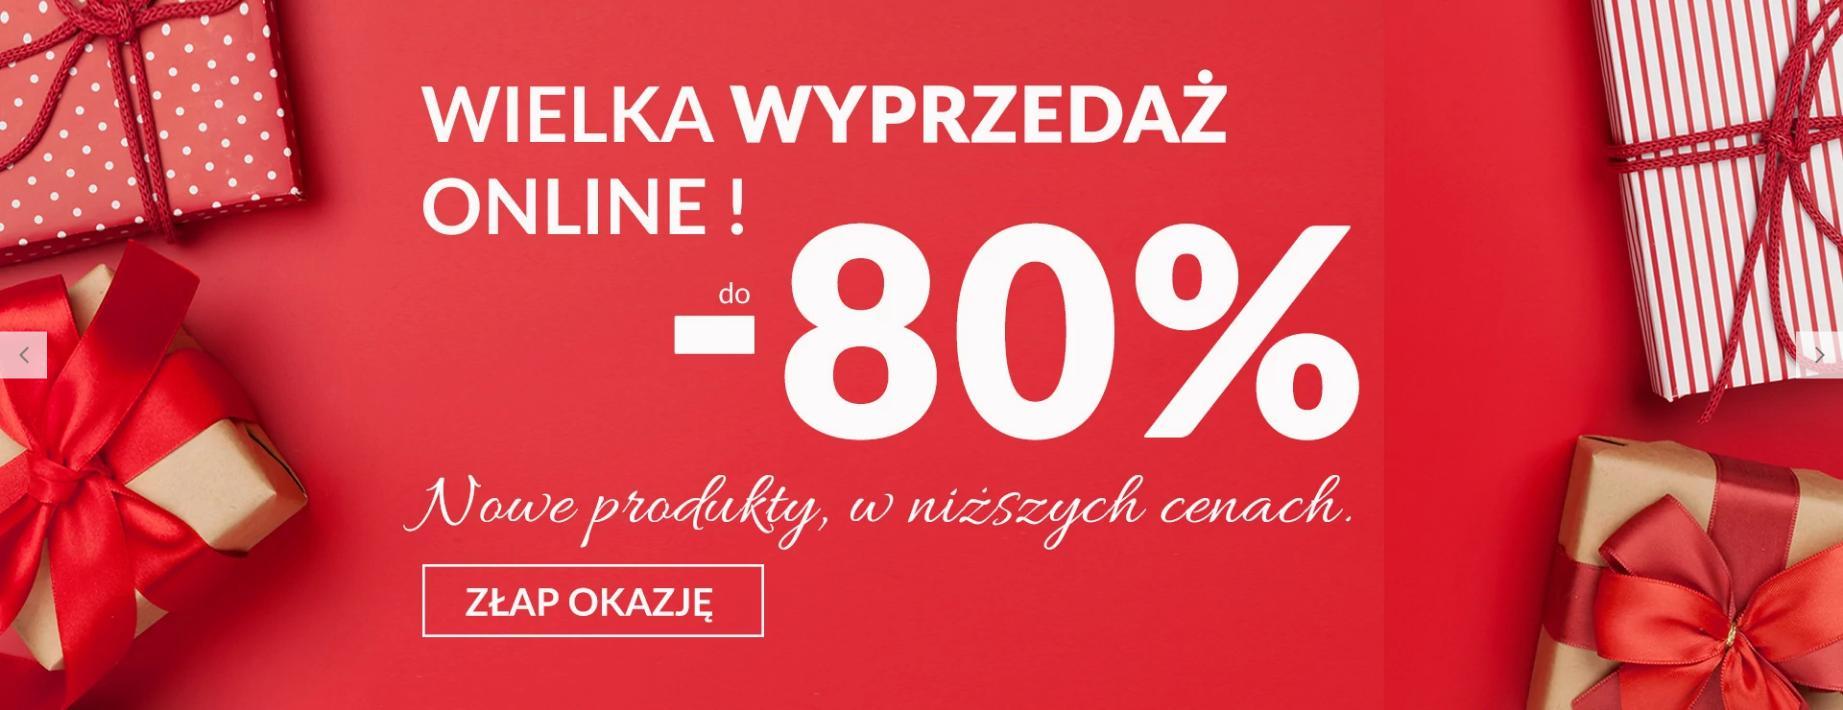 Quiosque: wielka wyprzedaż online do 80% rabatu na odzież damską